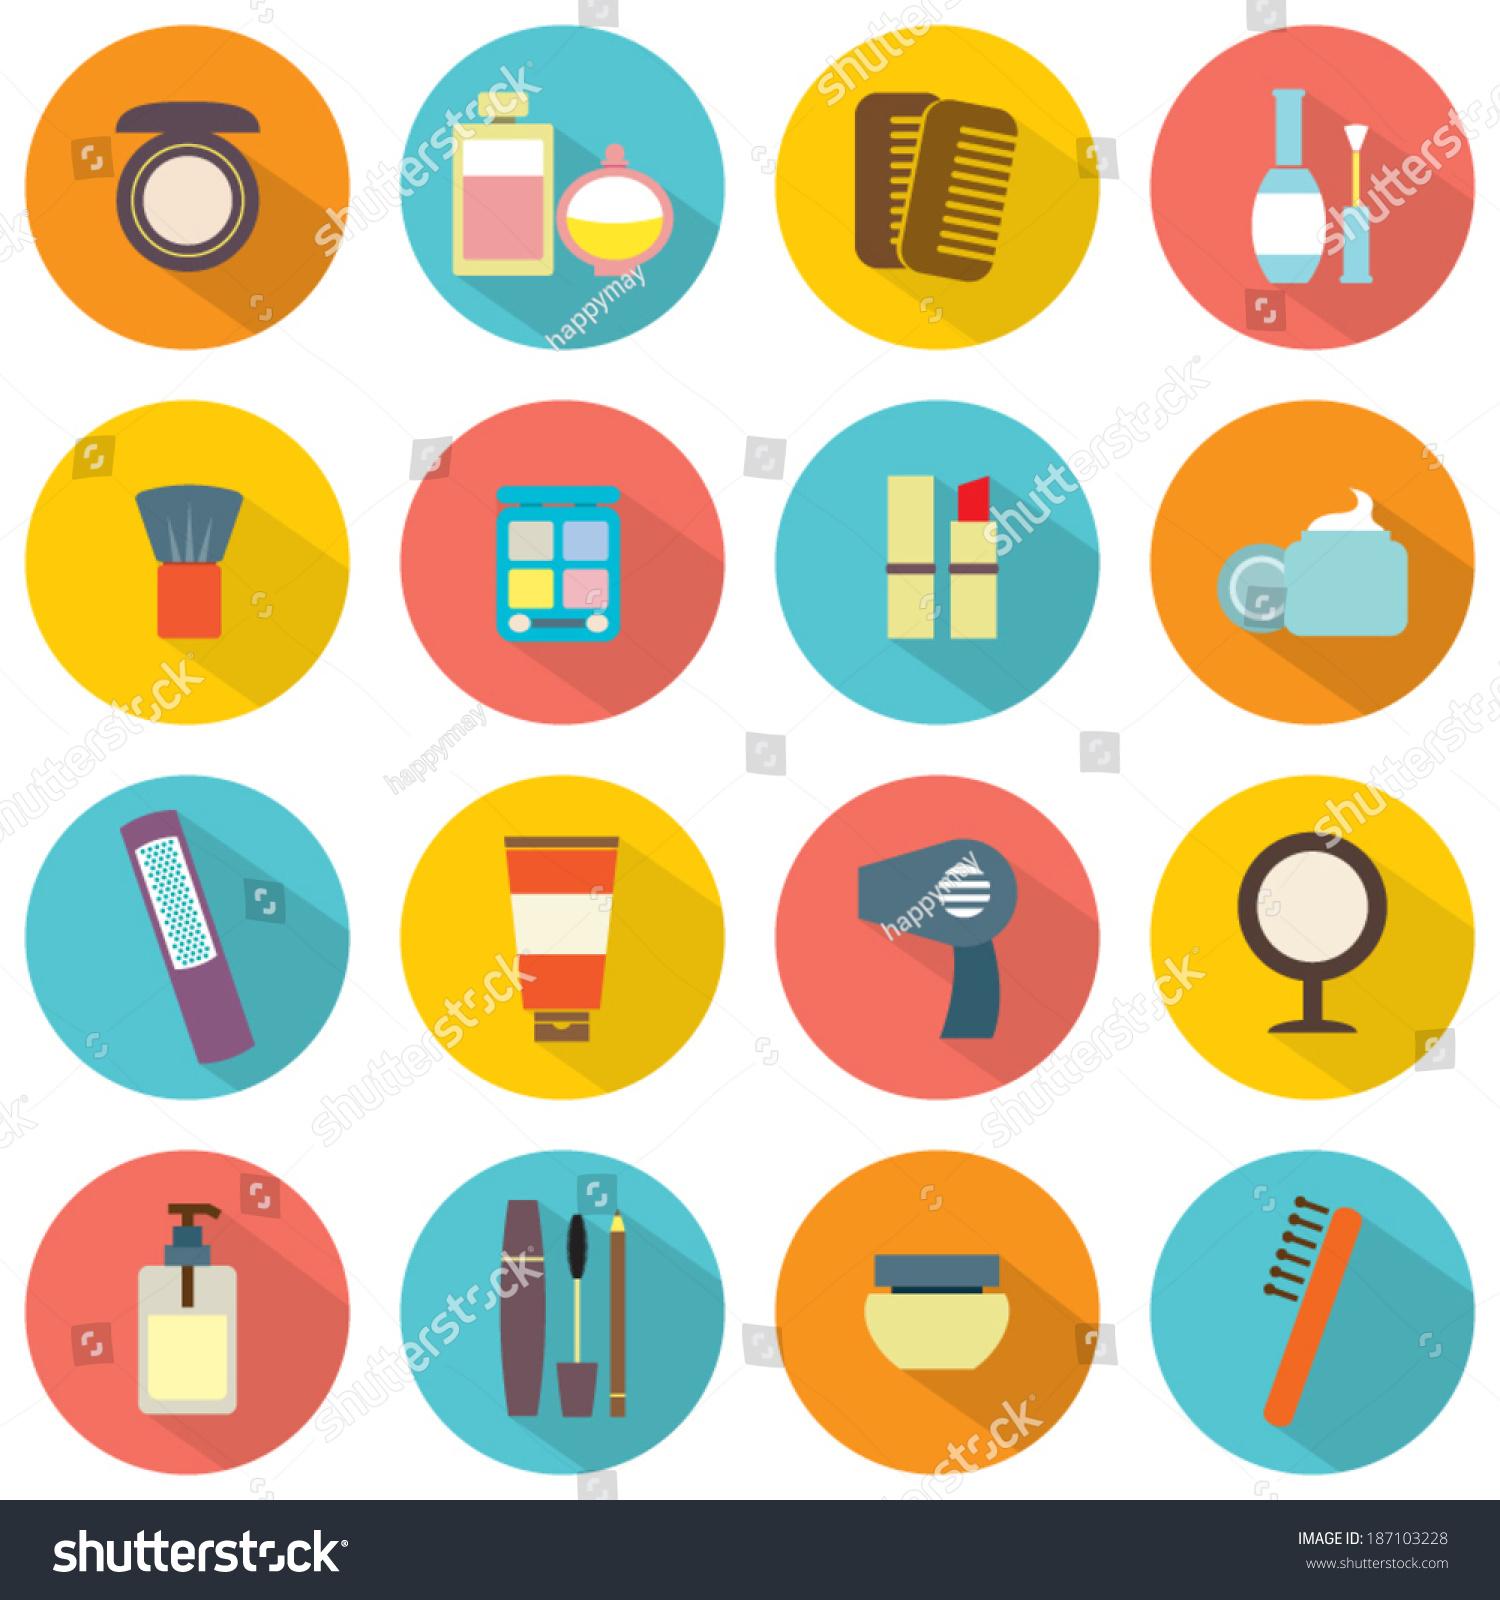 平面设计色彩化妆品图标